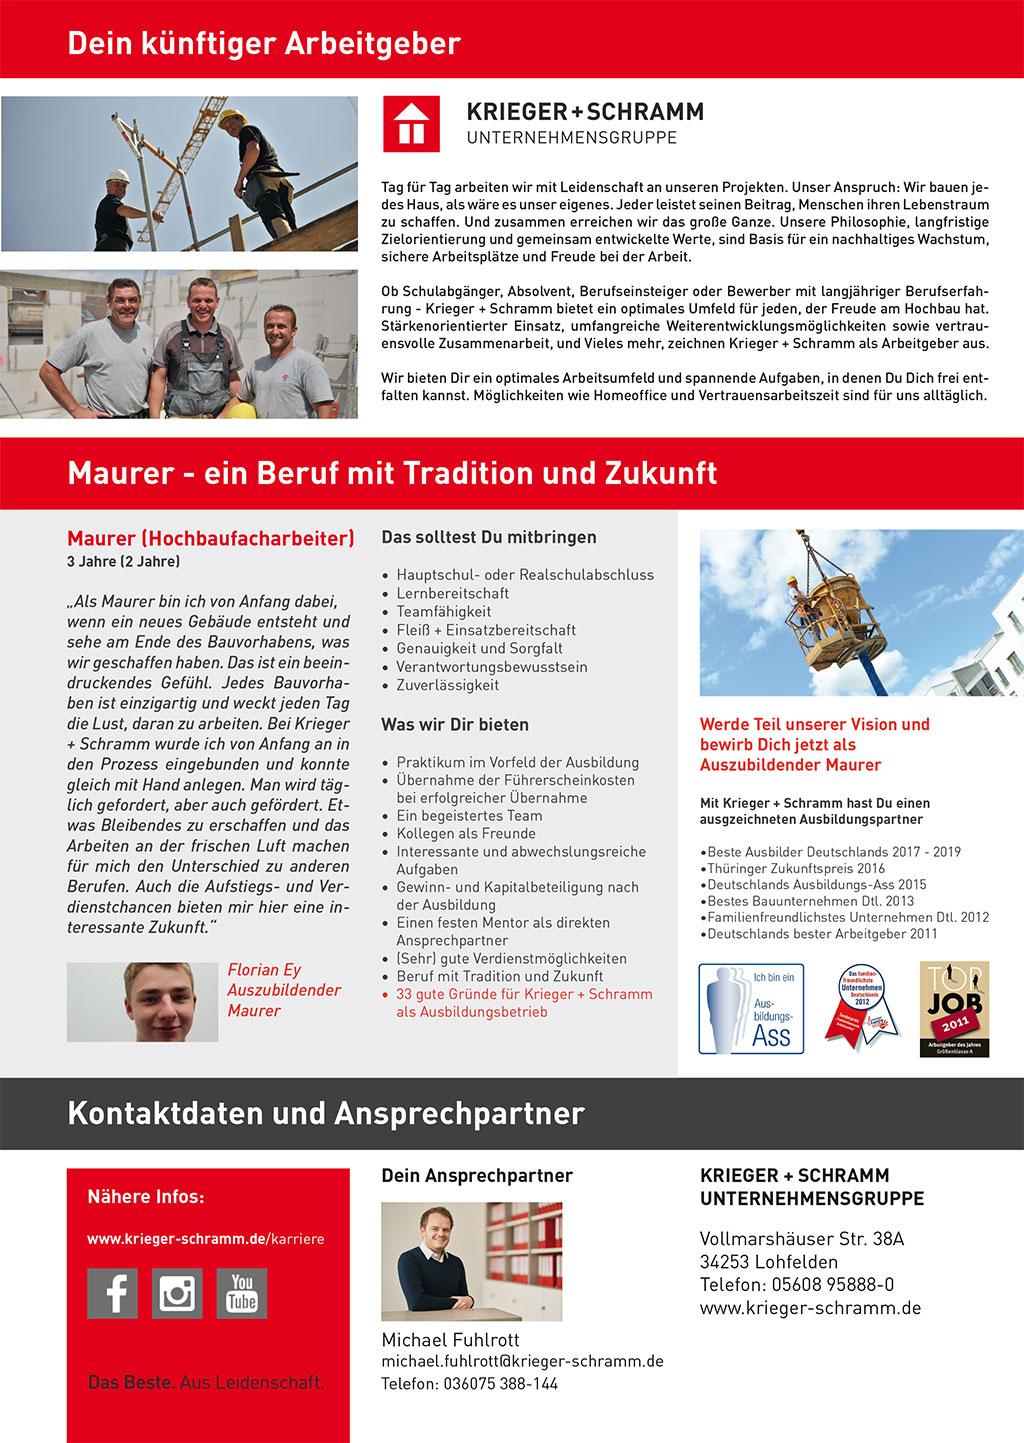 Ausbildungsplakat: Krieger + Schramm GmbH & Co. KG